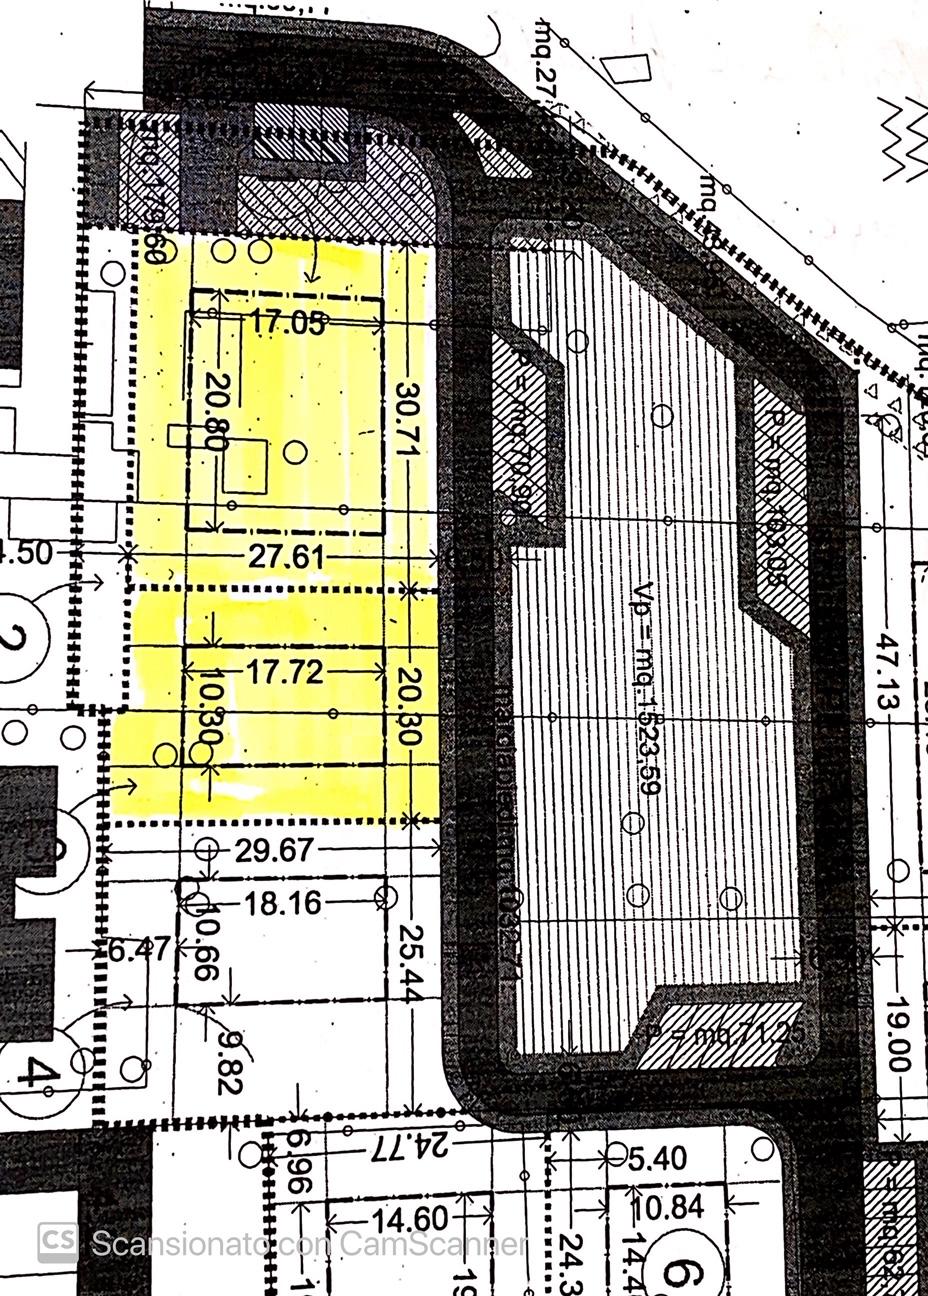 Vendita terreno edificabile a Bussero